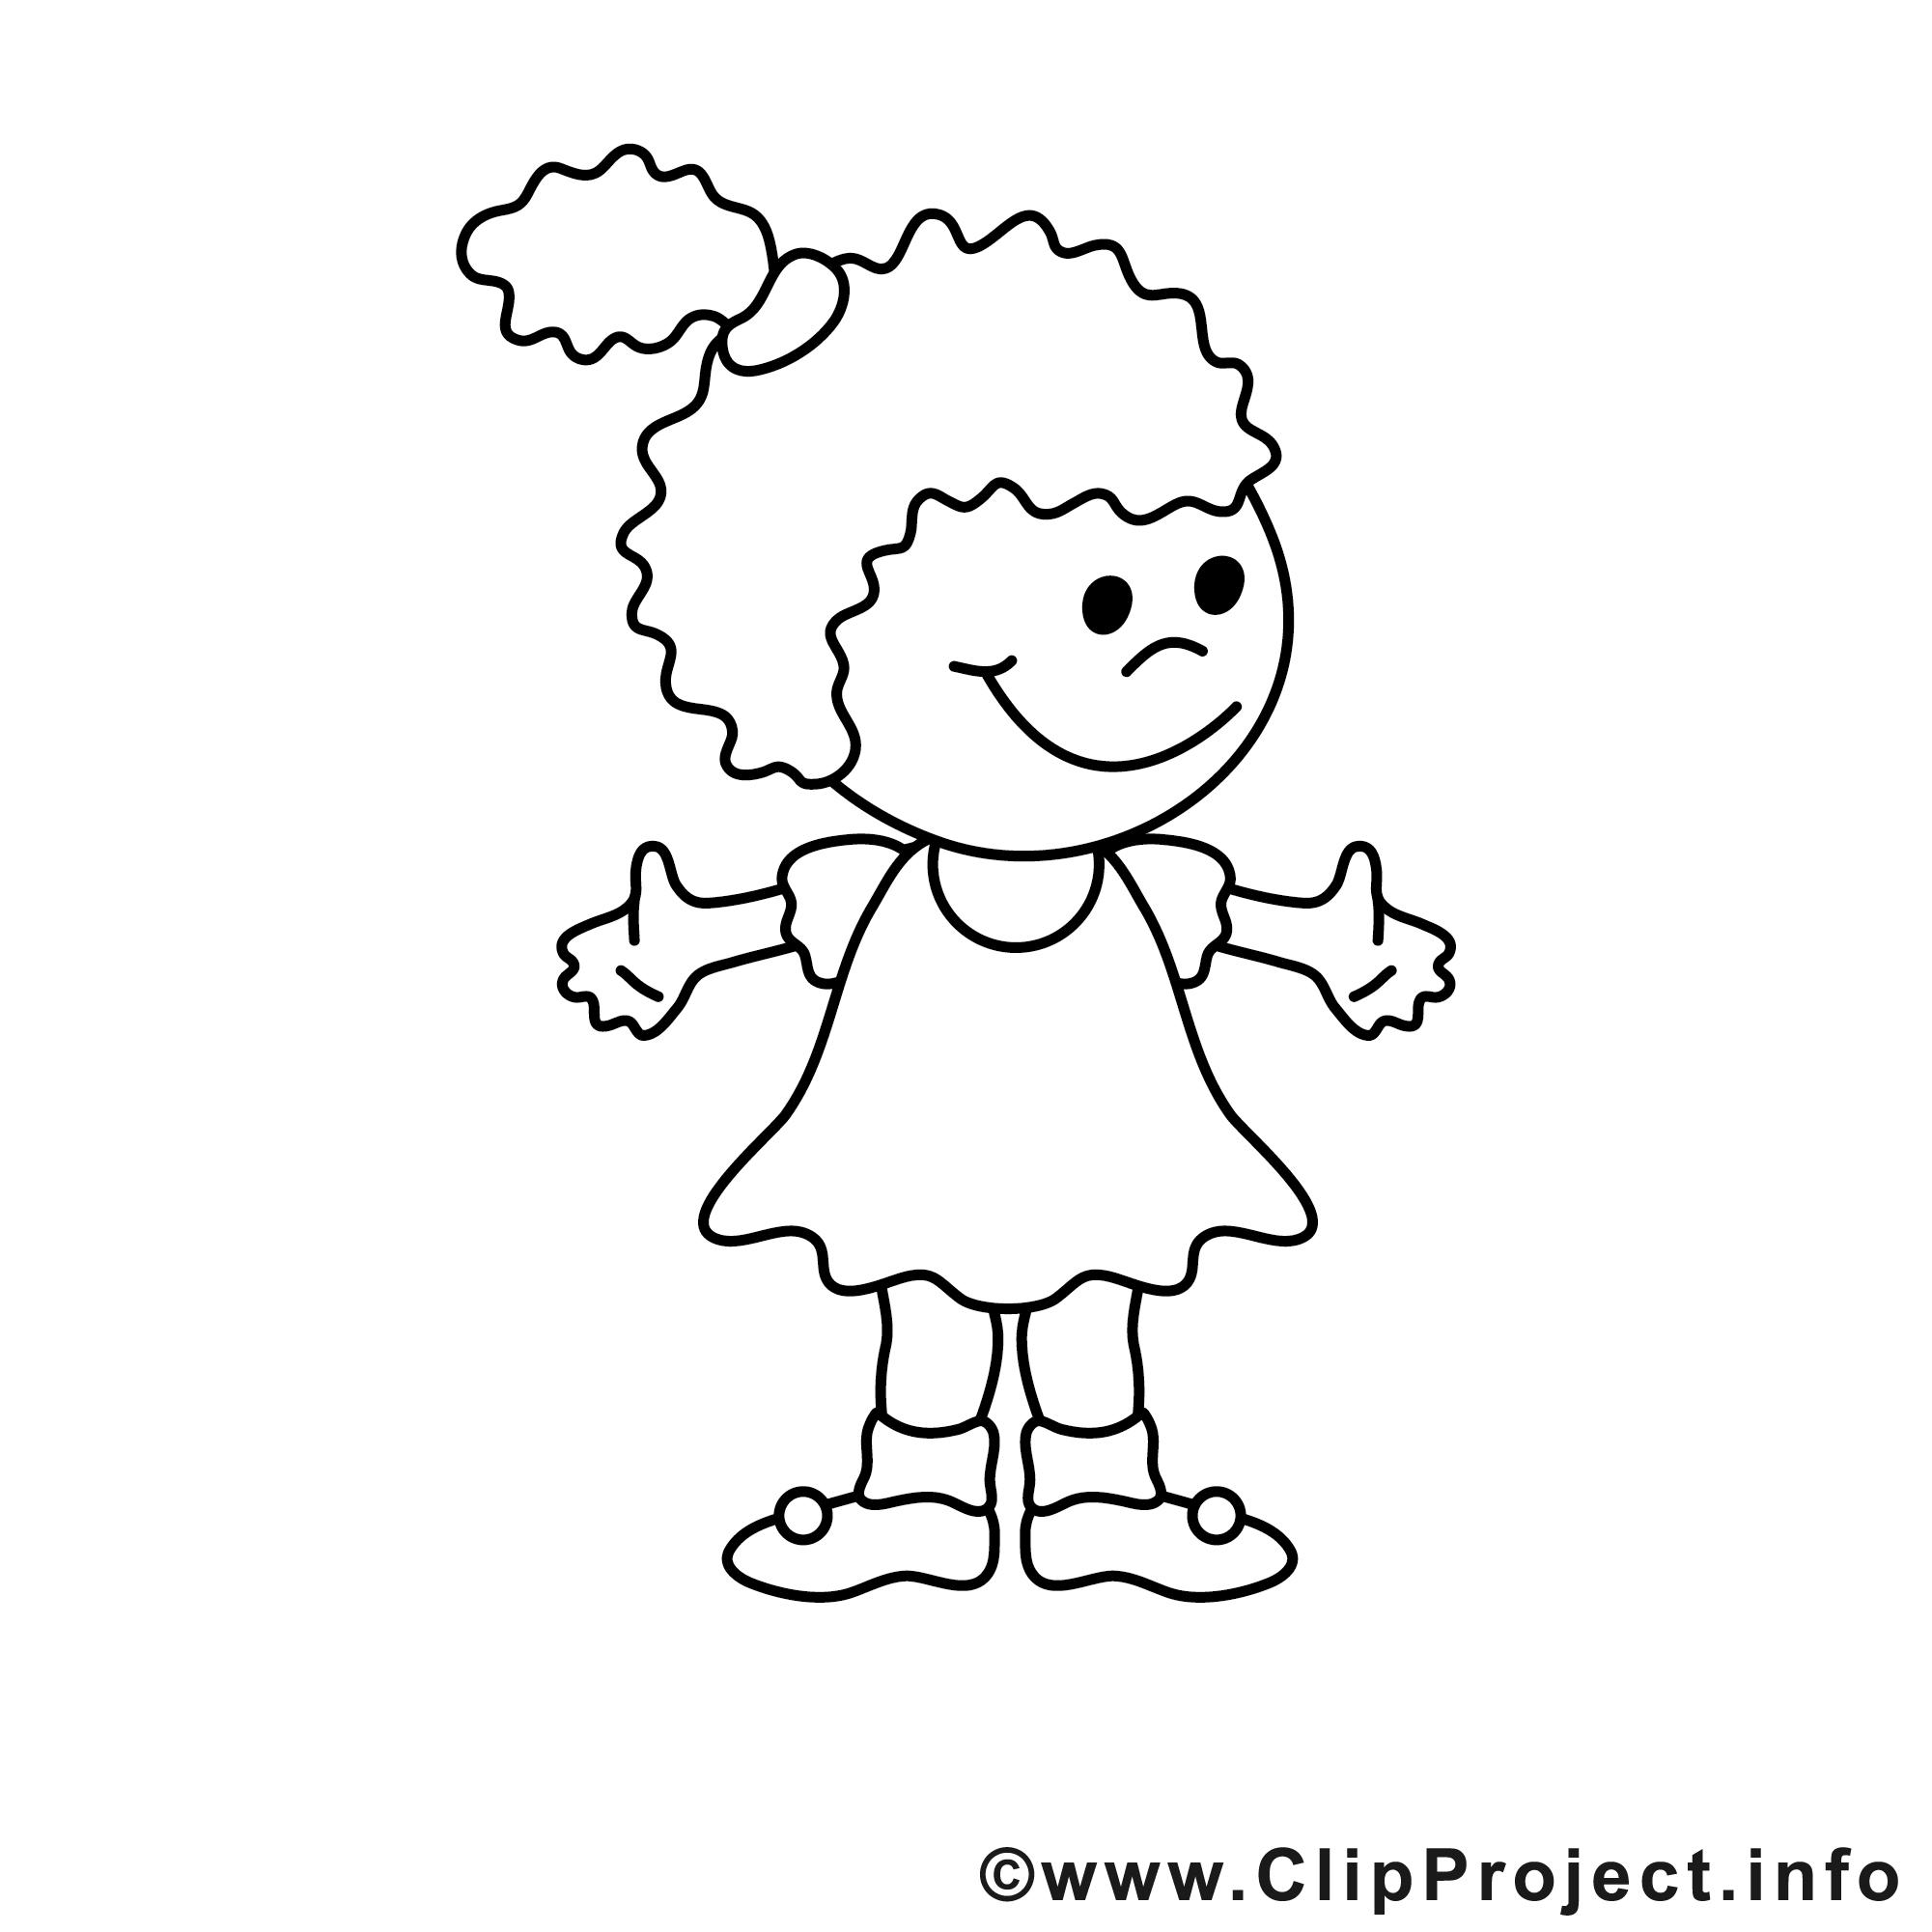 Petite fille image gratuite enfants colorier enfants - Fille a colorier ...